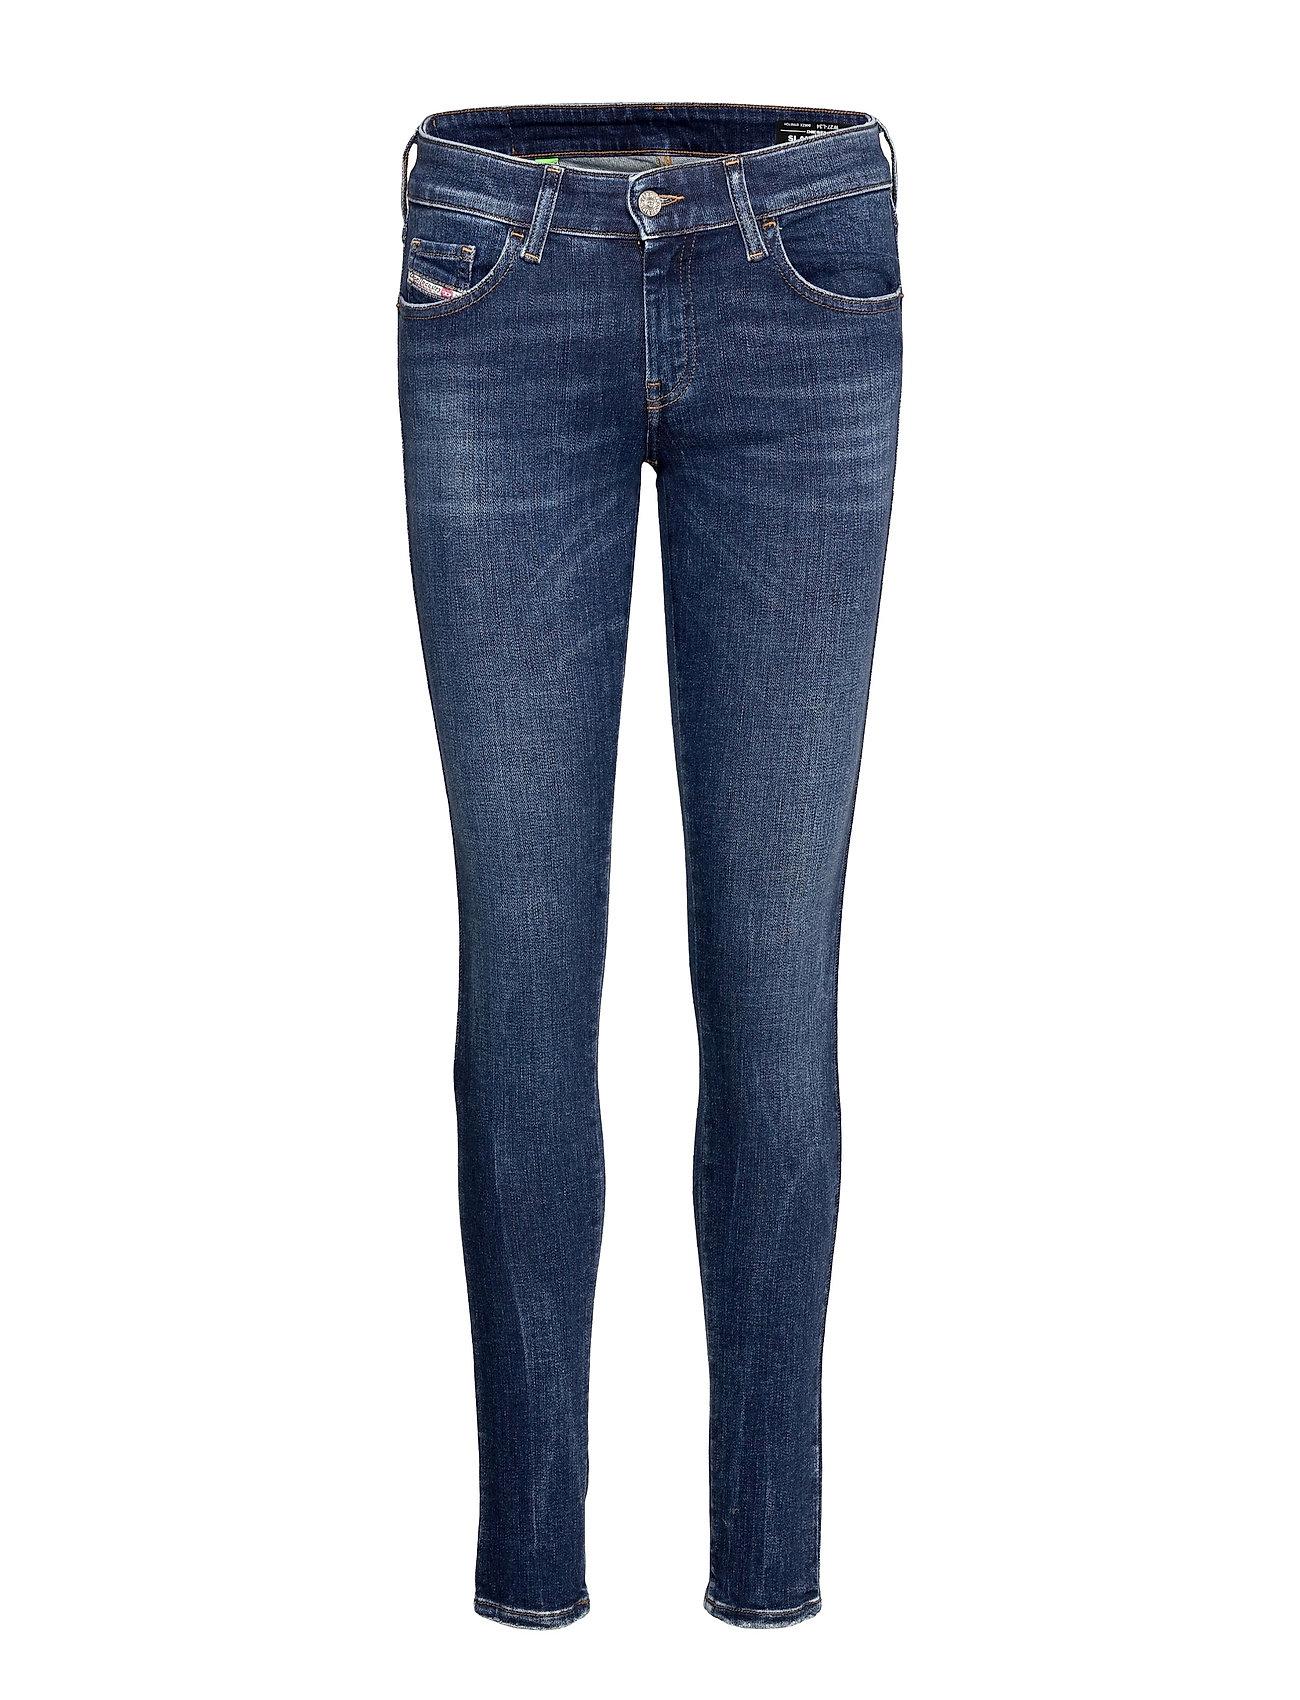 Slandy-Low L.34 Trousers Slim Jeans Blå Diesel Women